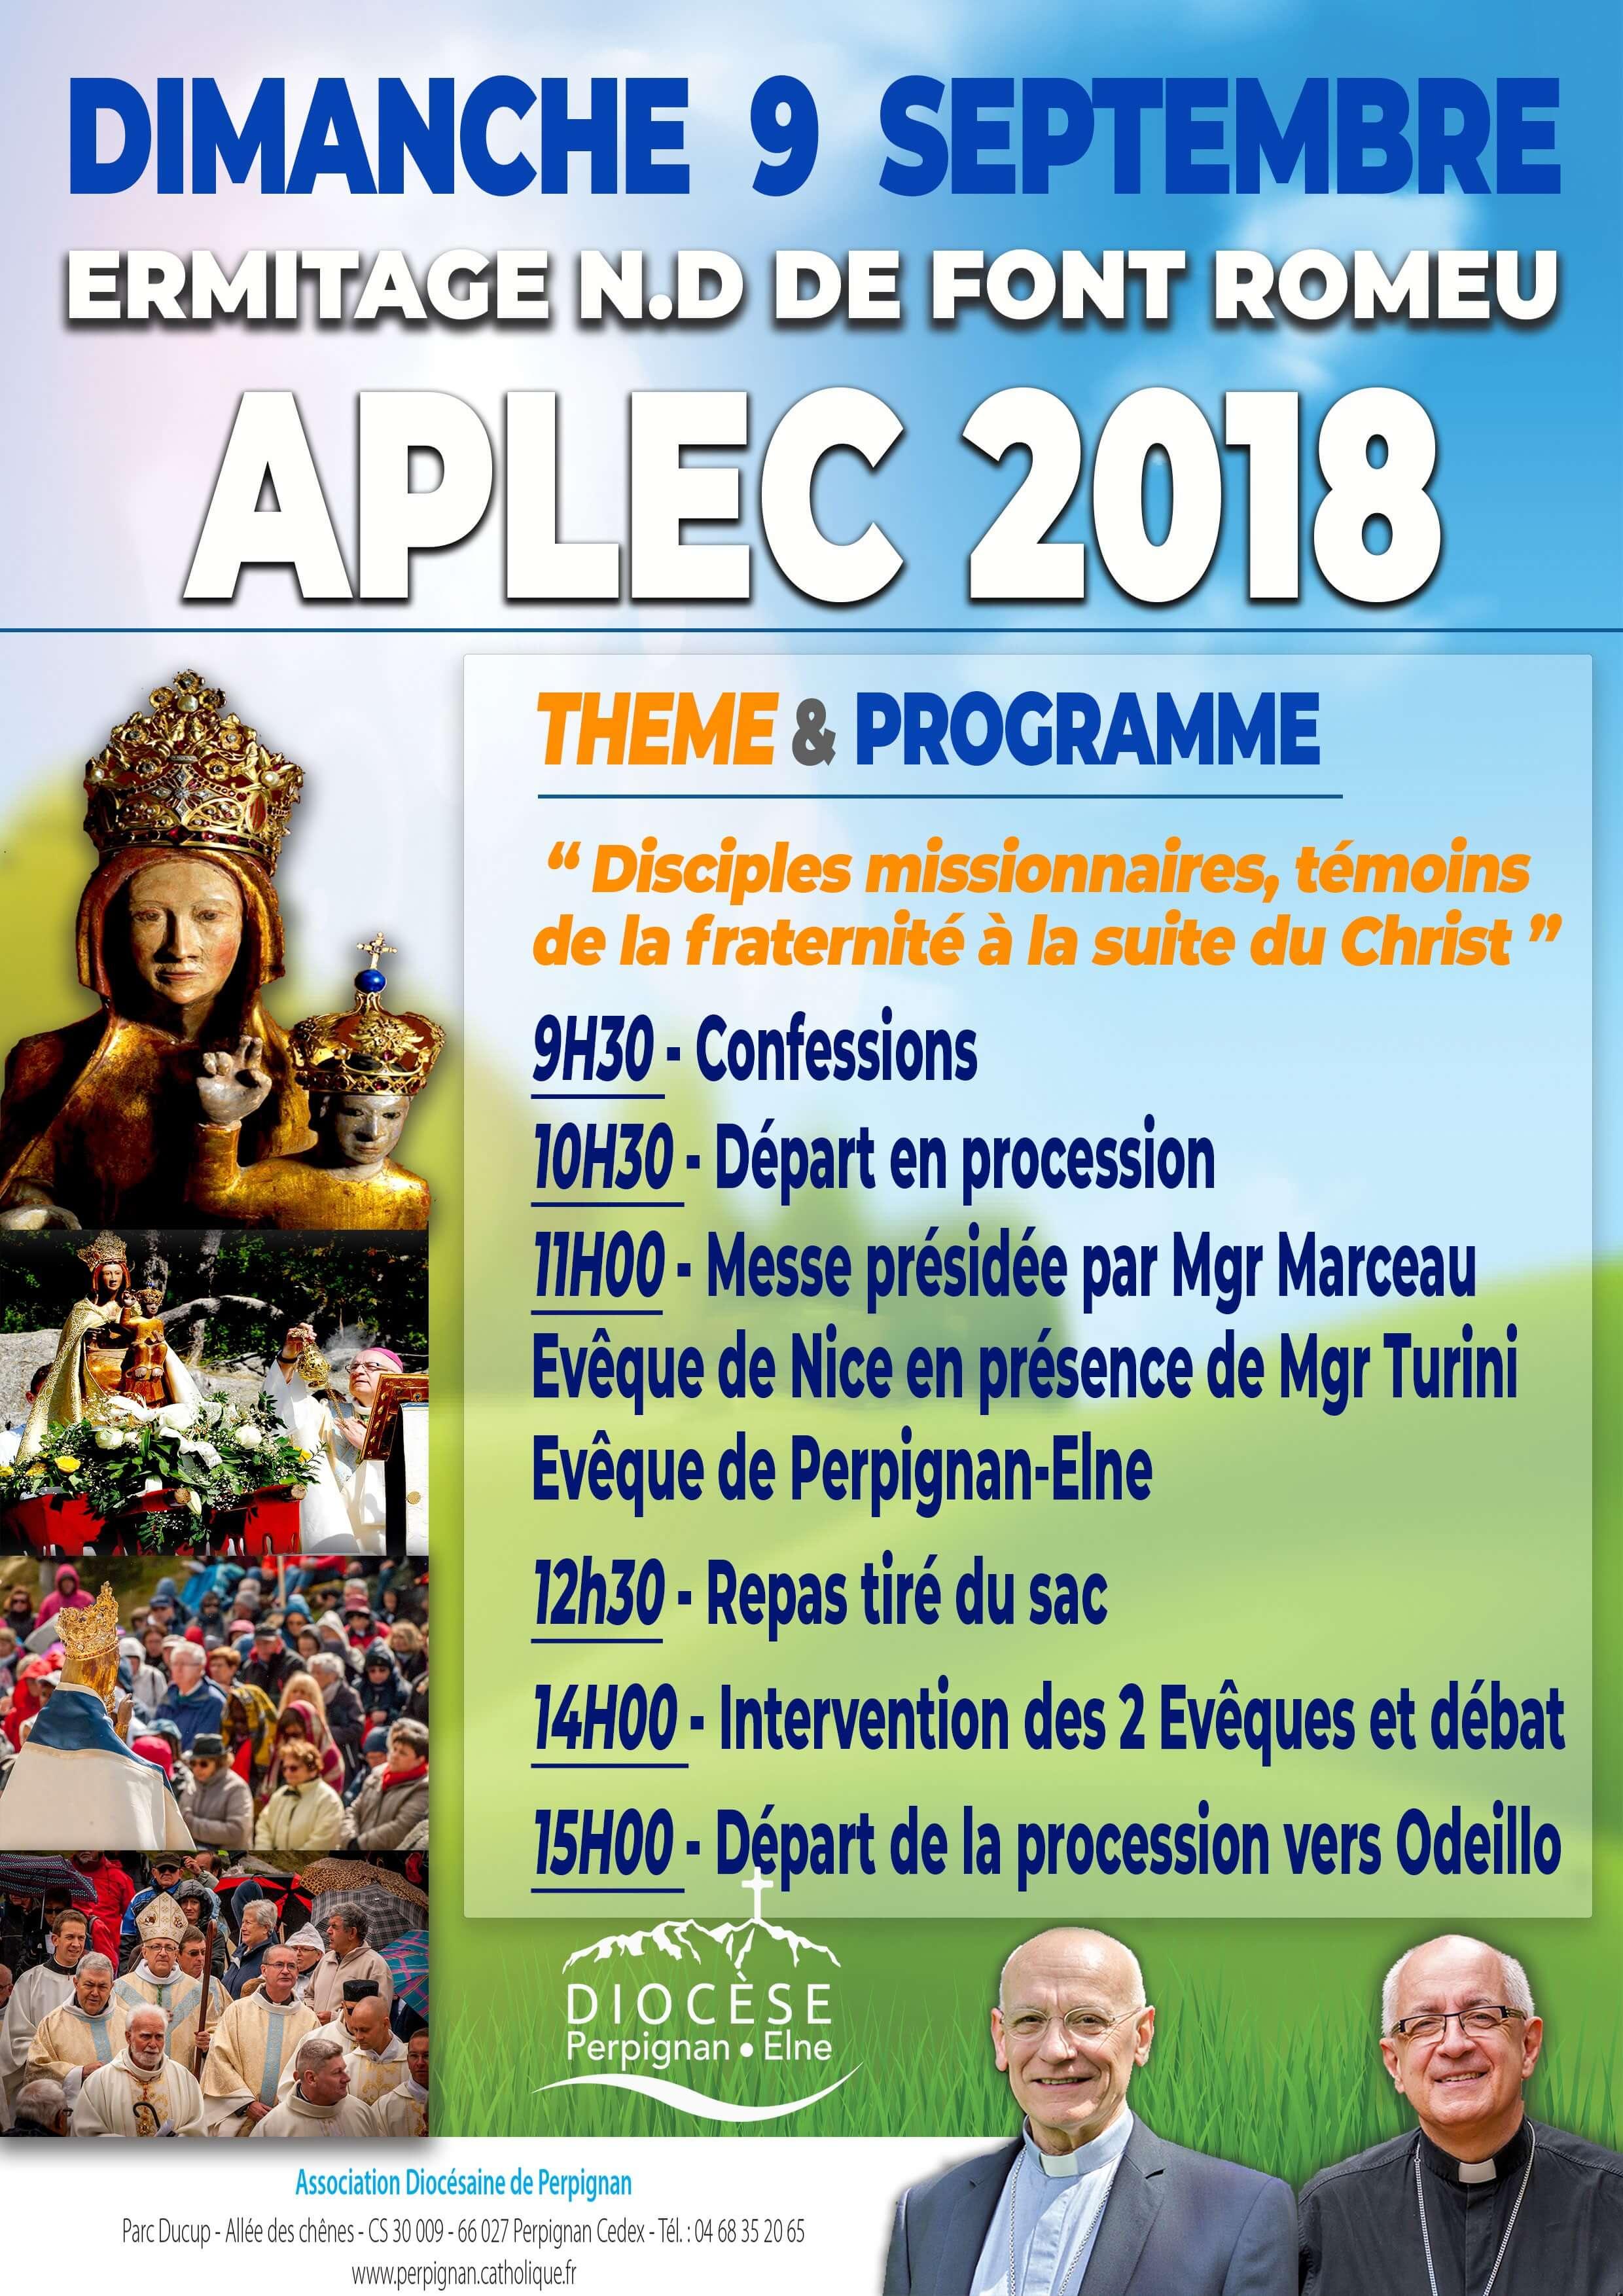 APLEC